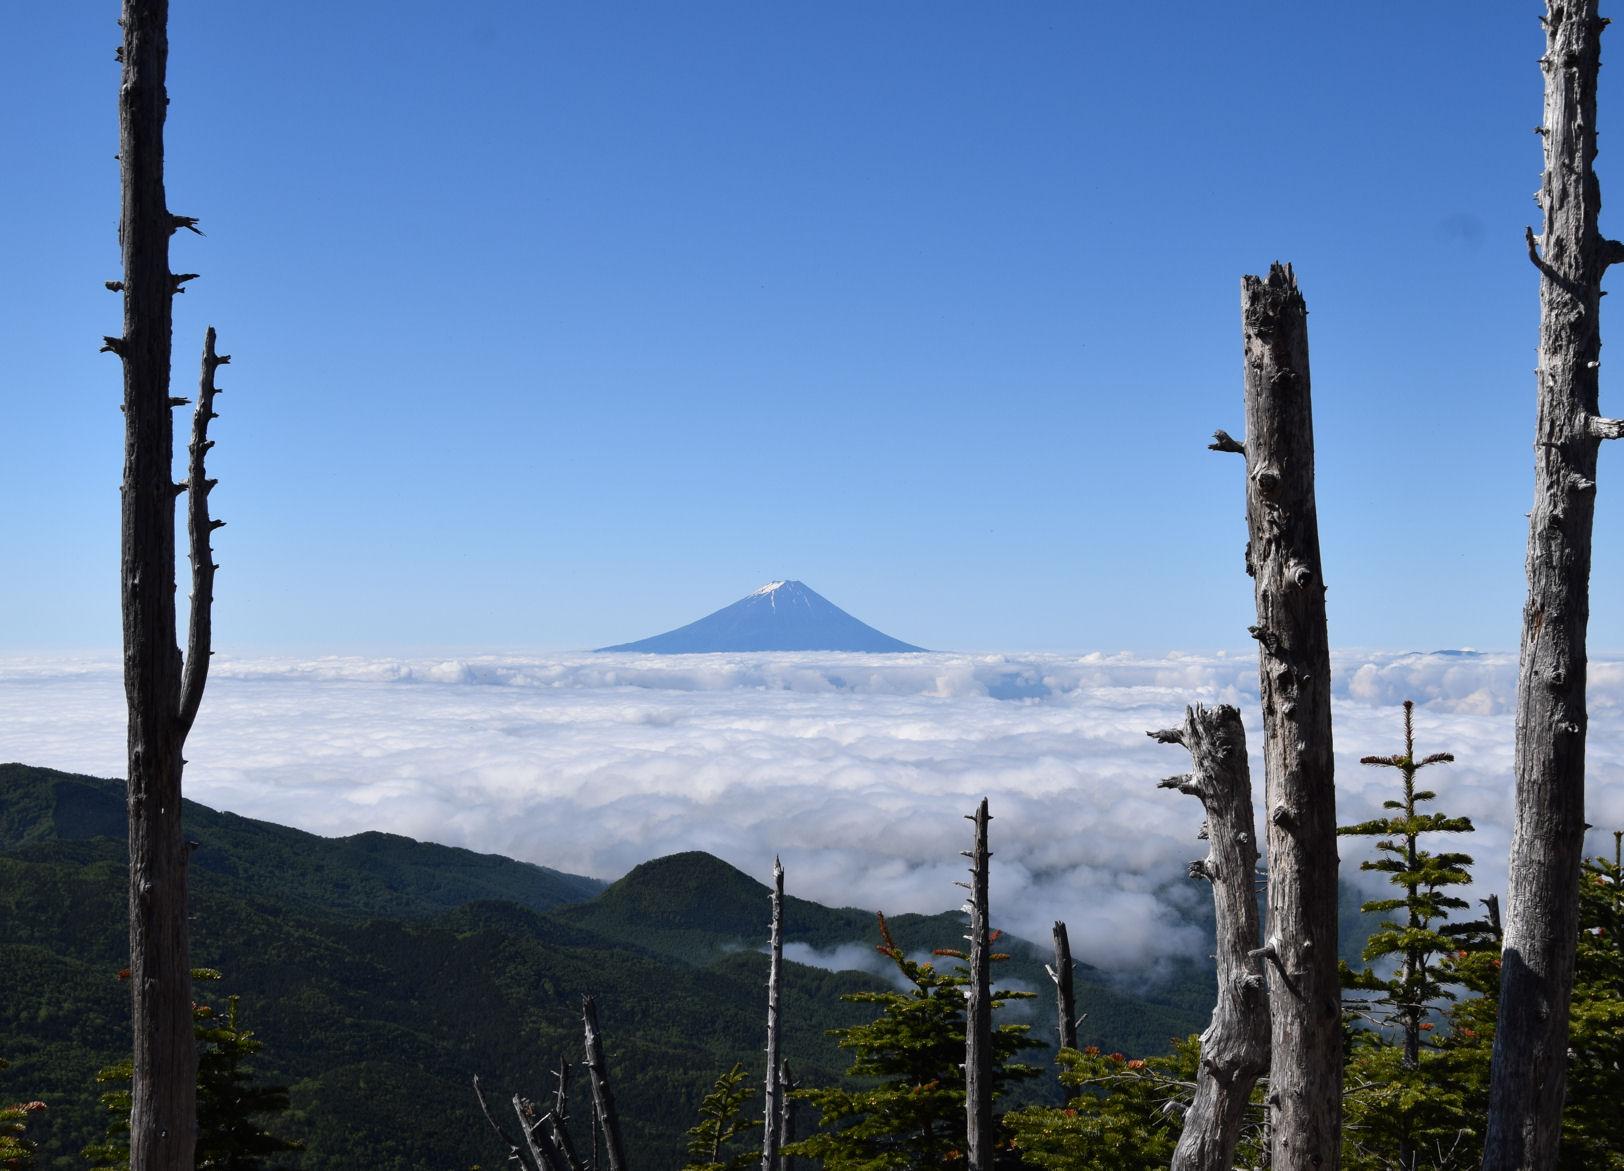 33_金峰山山頂近く_富士を望む.JPG